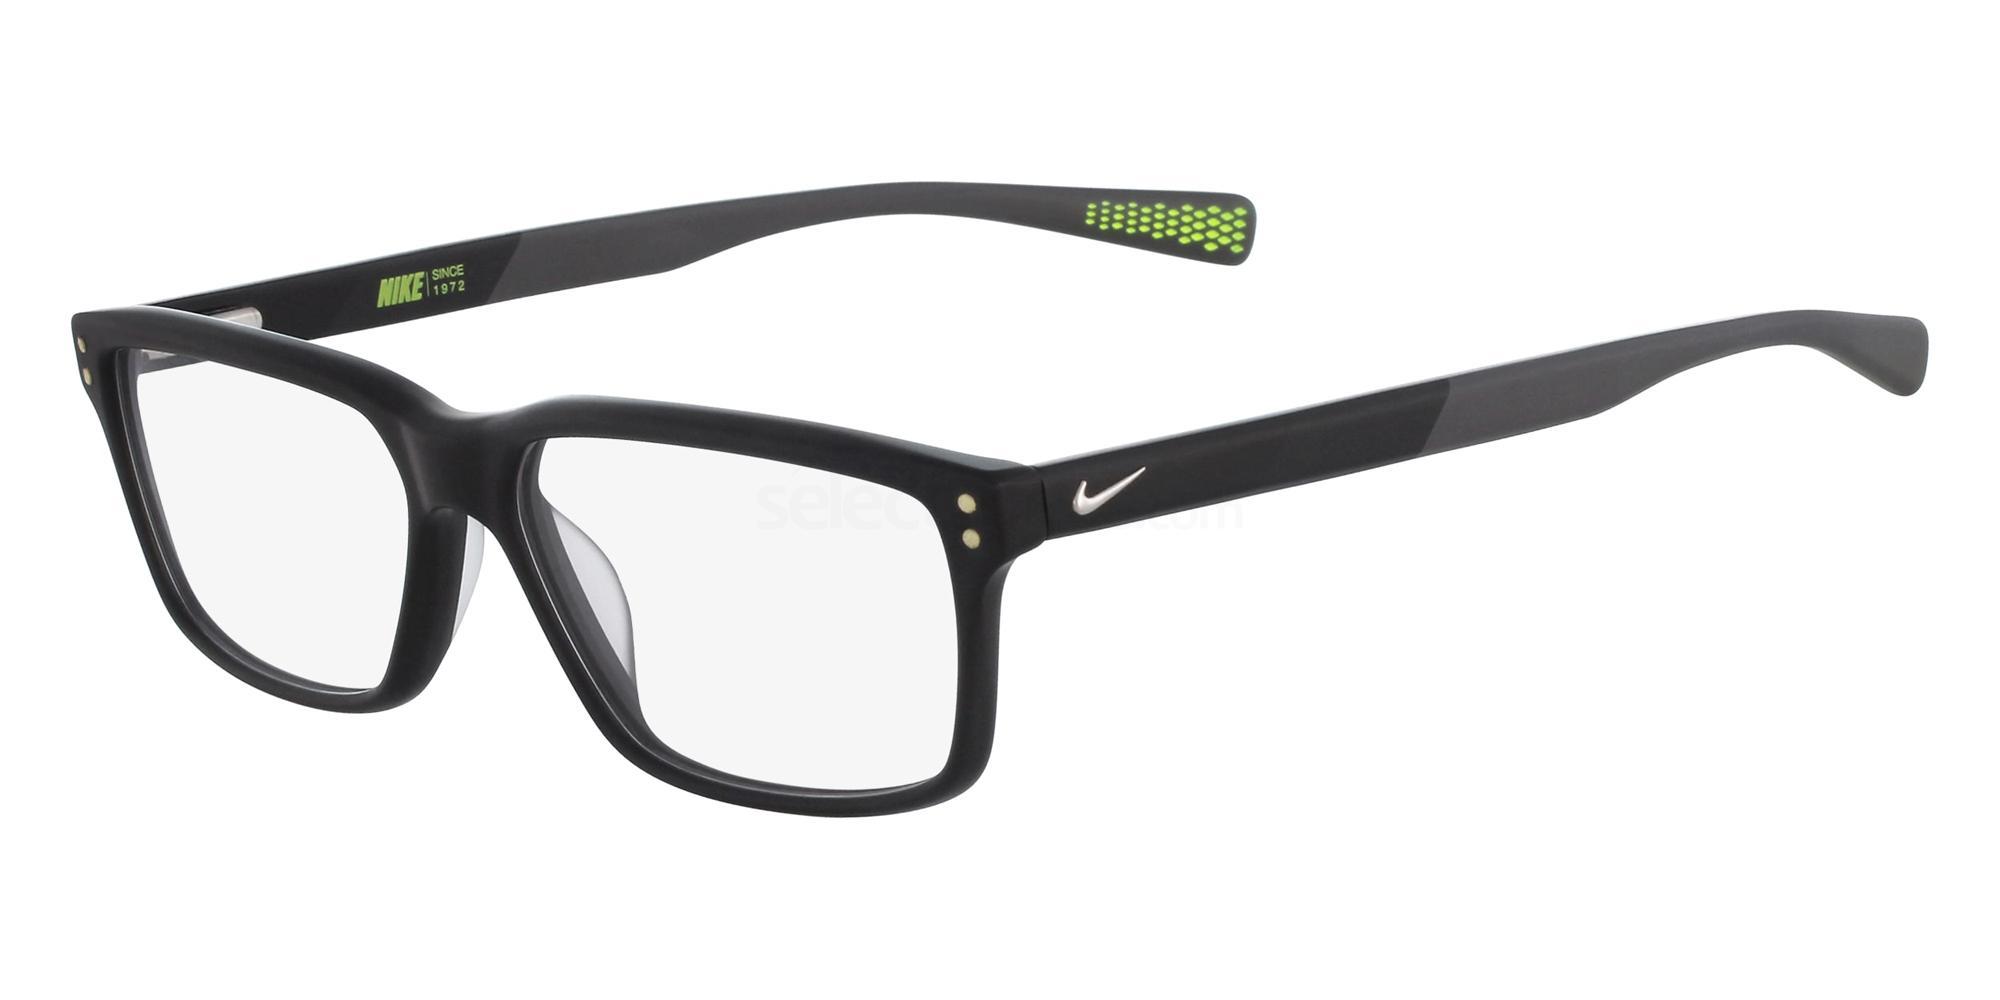 001 NIKE 7239 Glasses, Nike